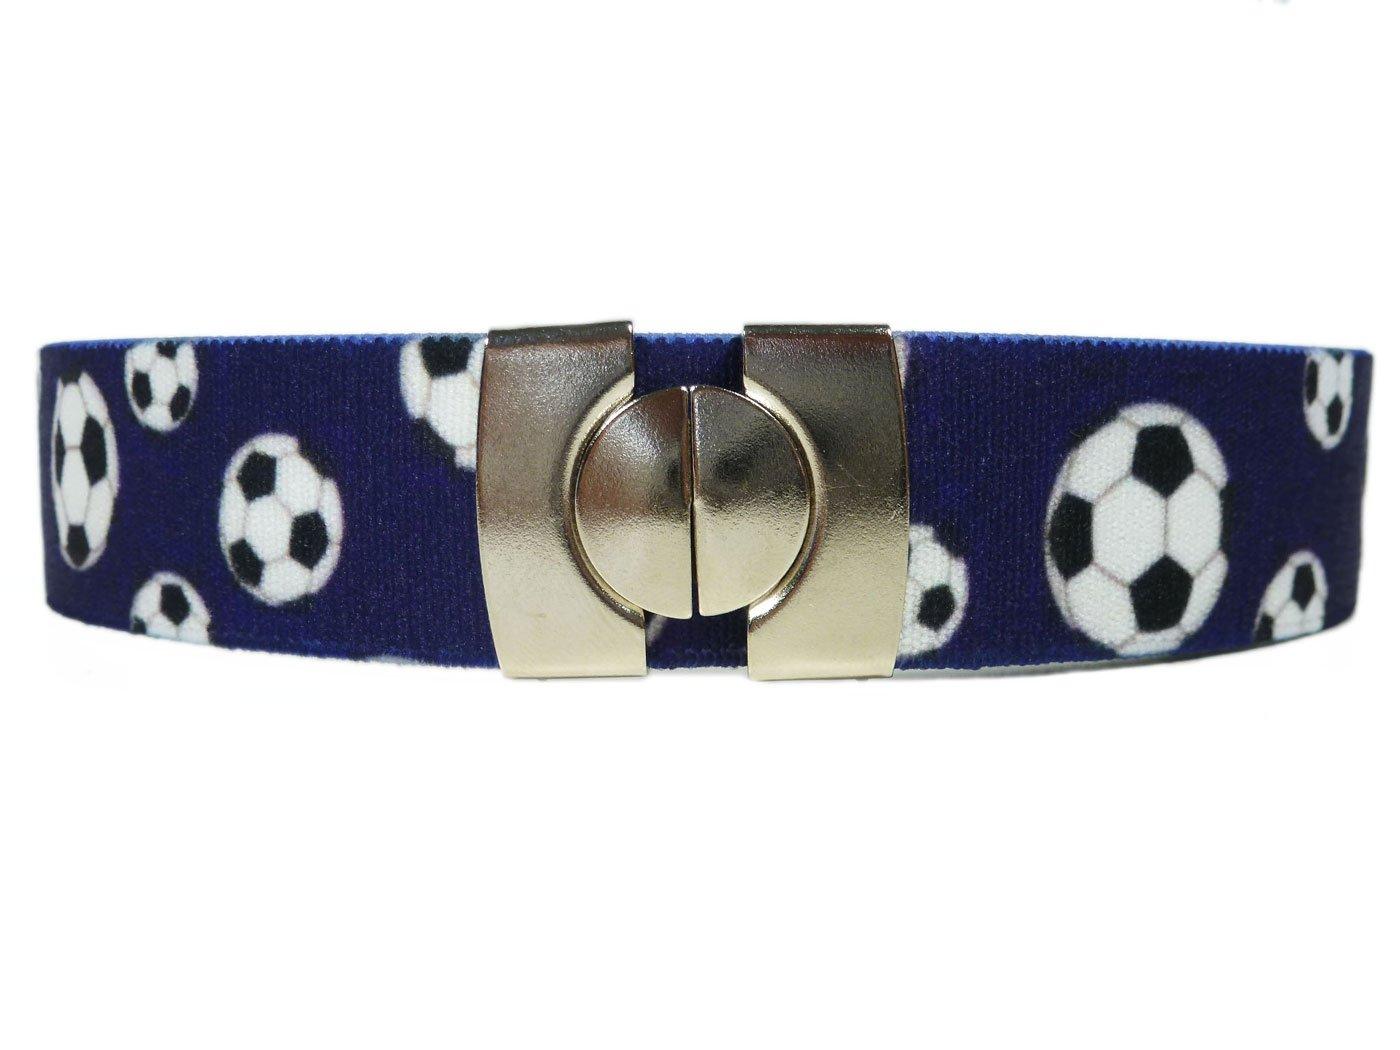 Olata Cintura Elasticizzata per Bambini 1-6 Anni, Stampato design Stampato design - Denim KIDSBELTHdenim